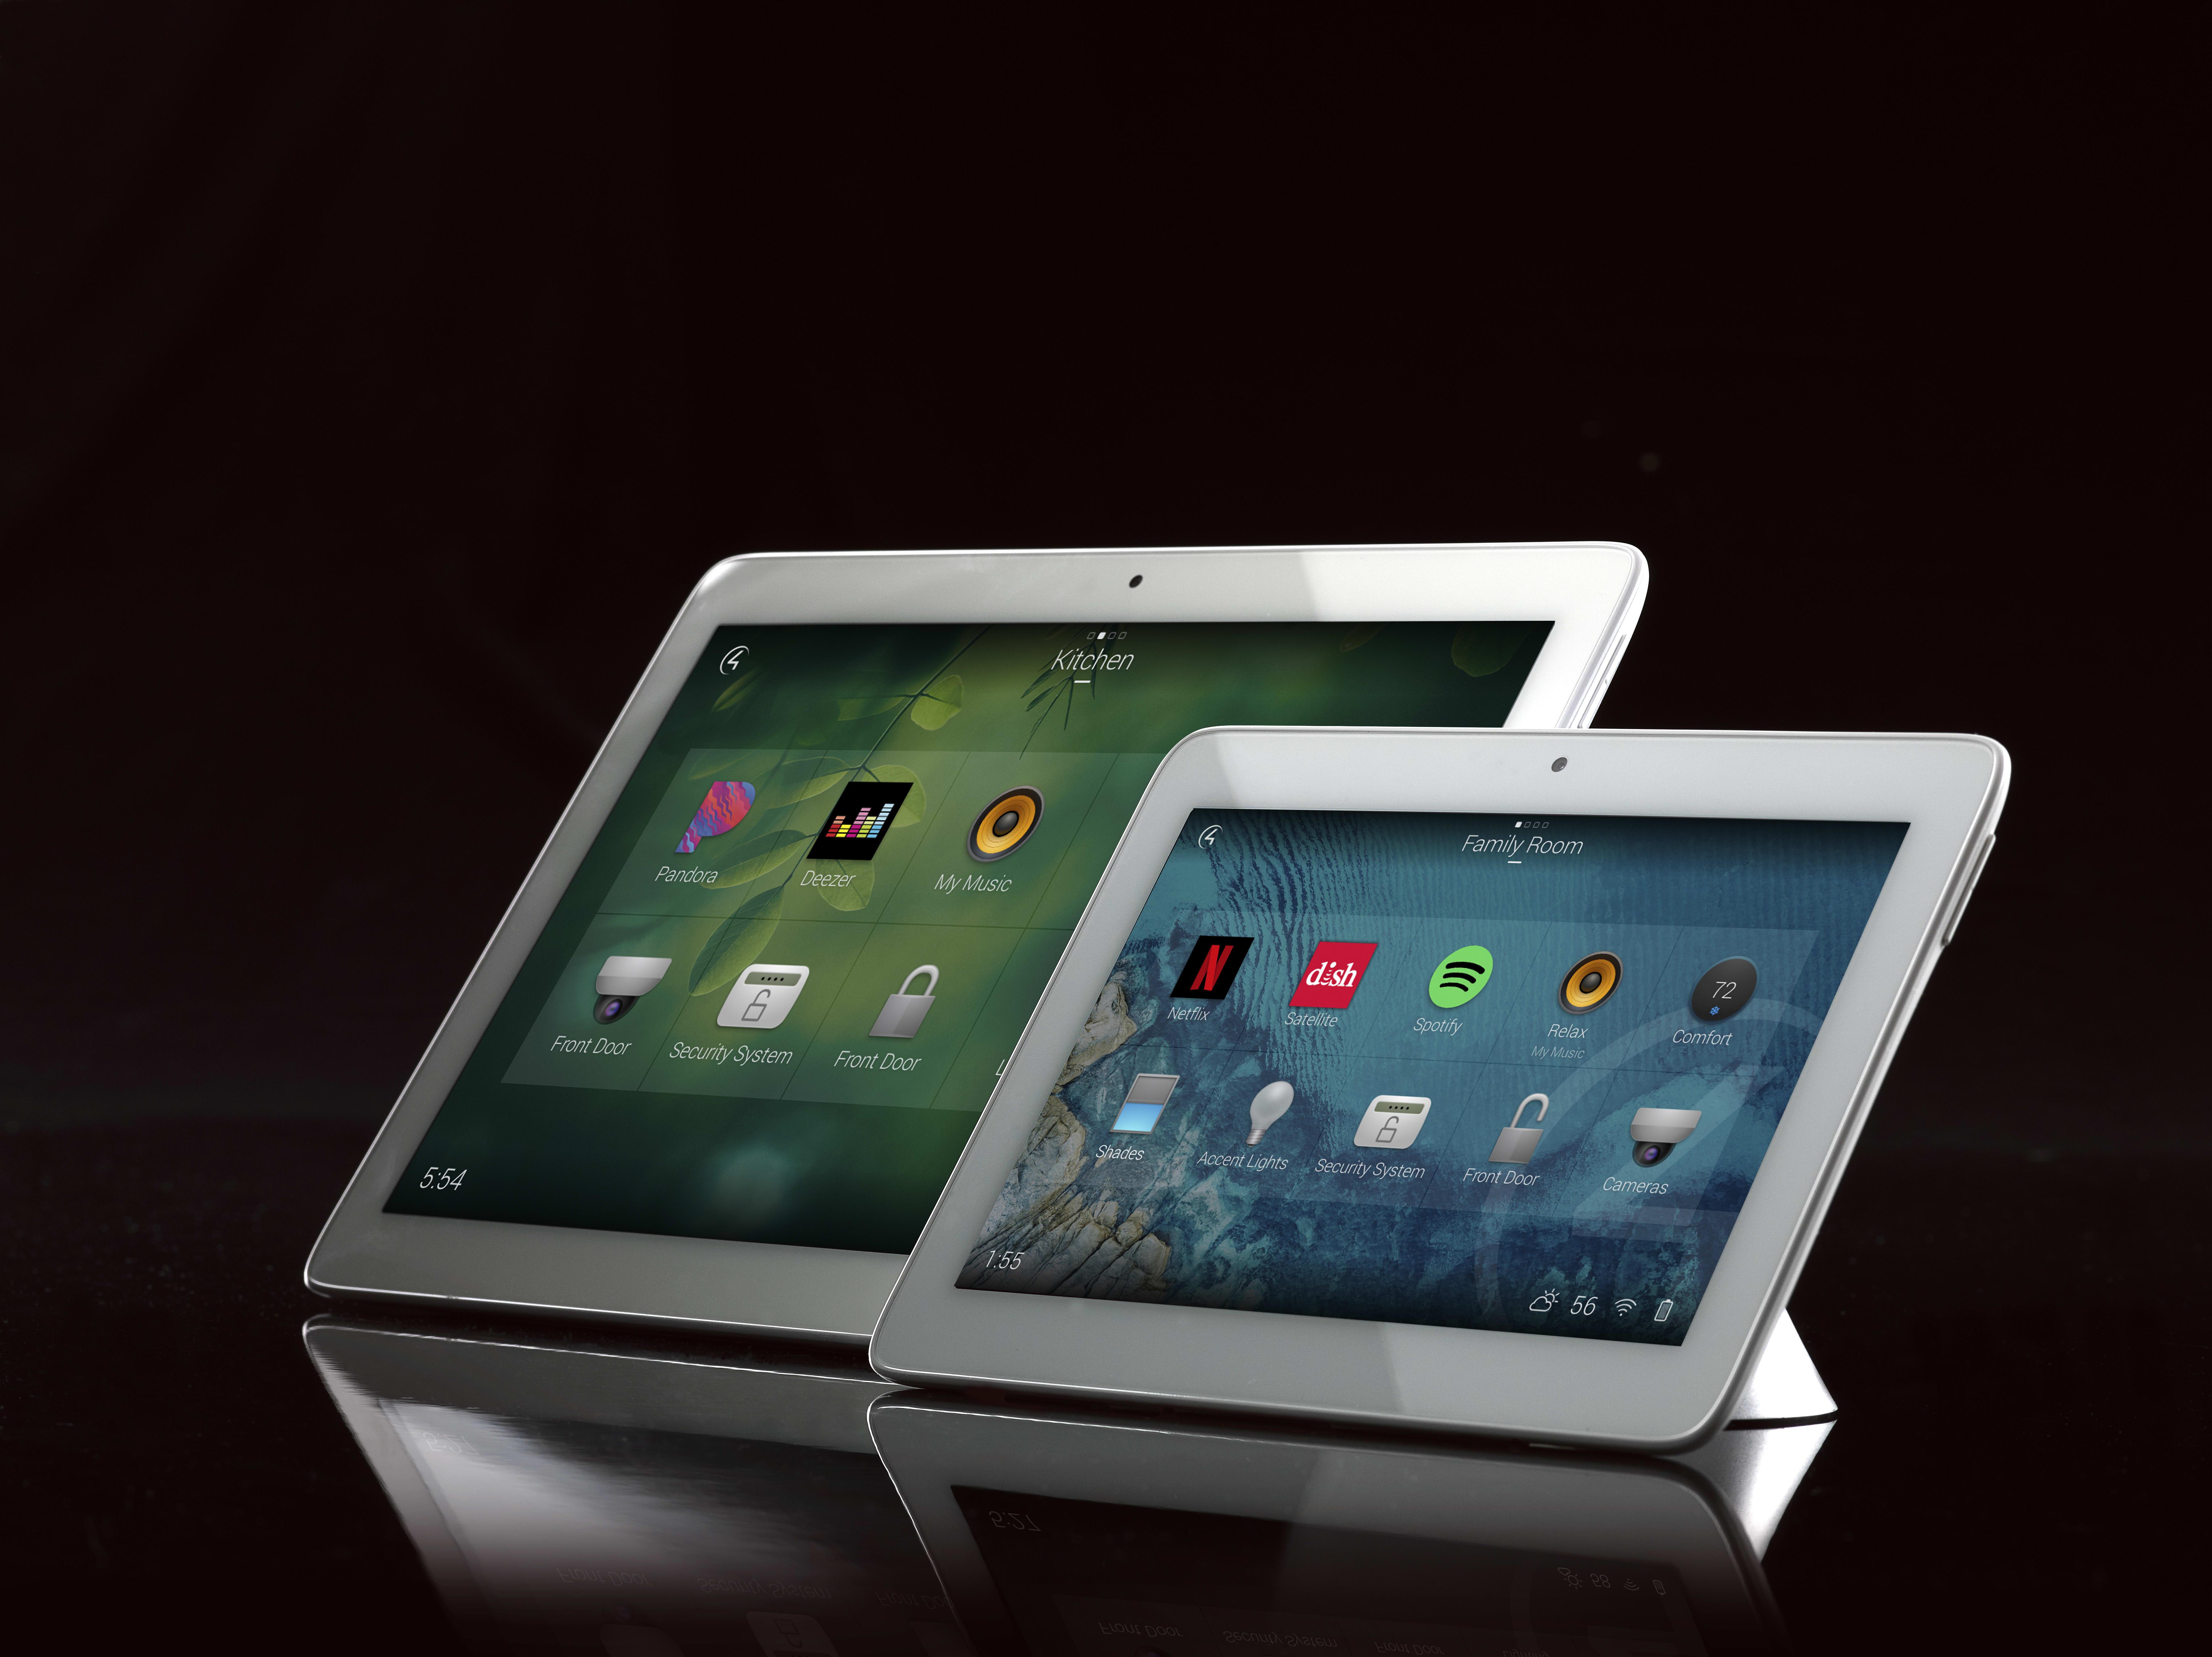 C4 OS3 Portable UI